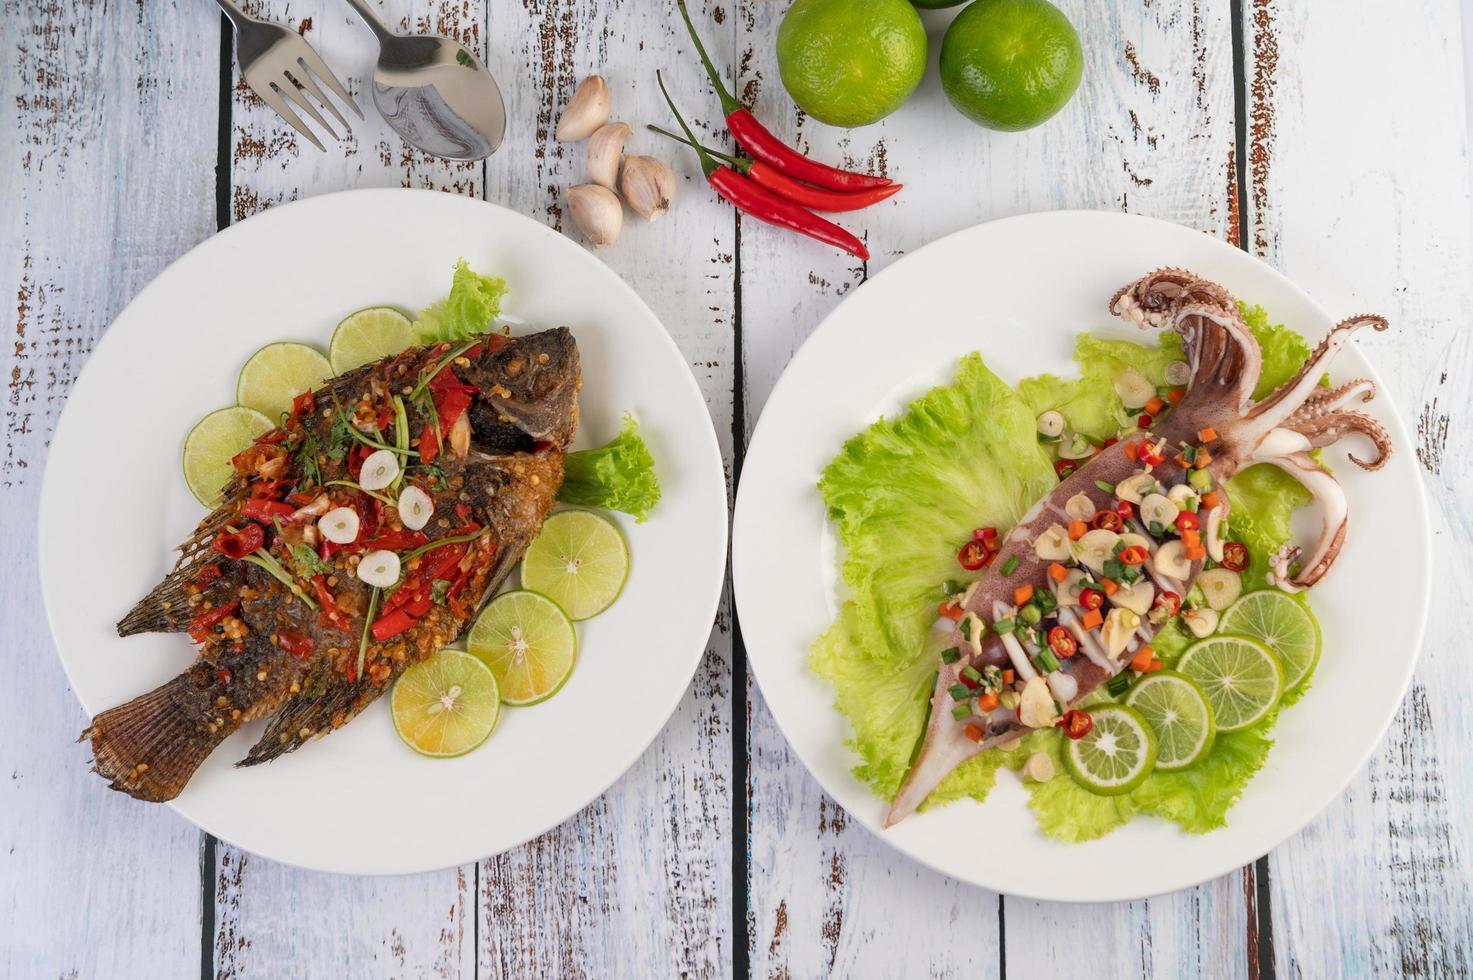 Tilapia gebraten mit Chilisauce und Tintenfisch foto